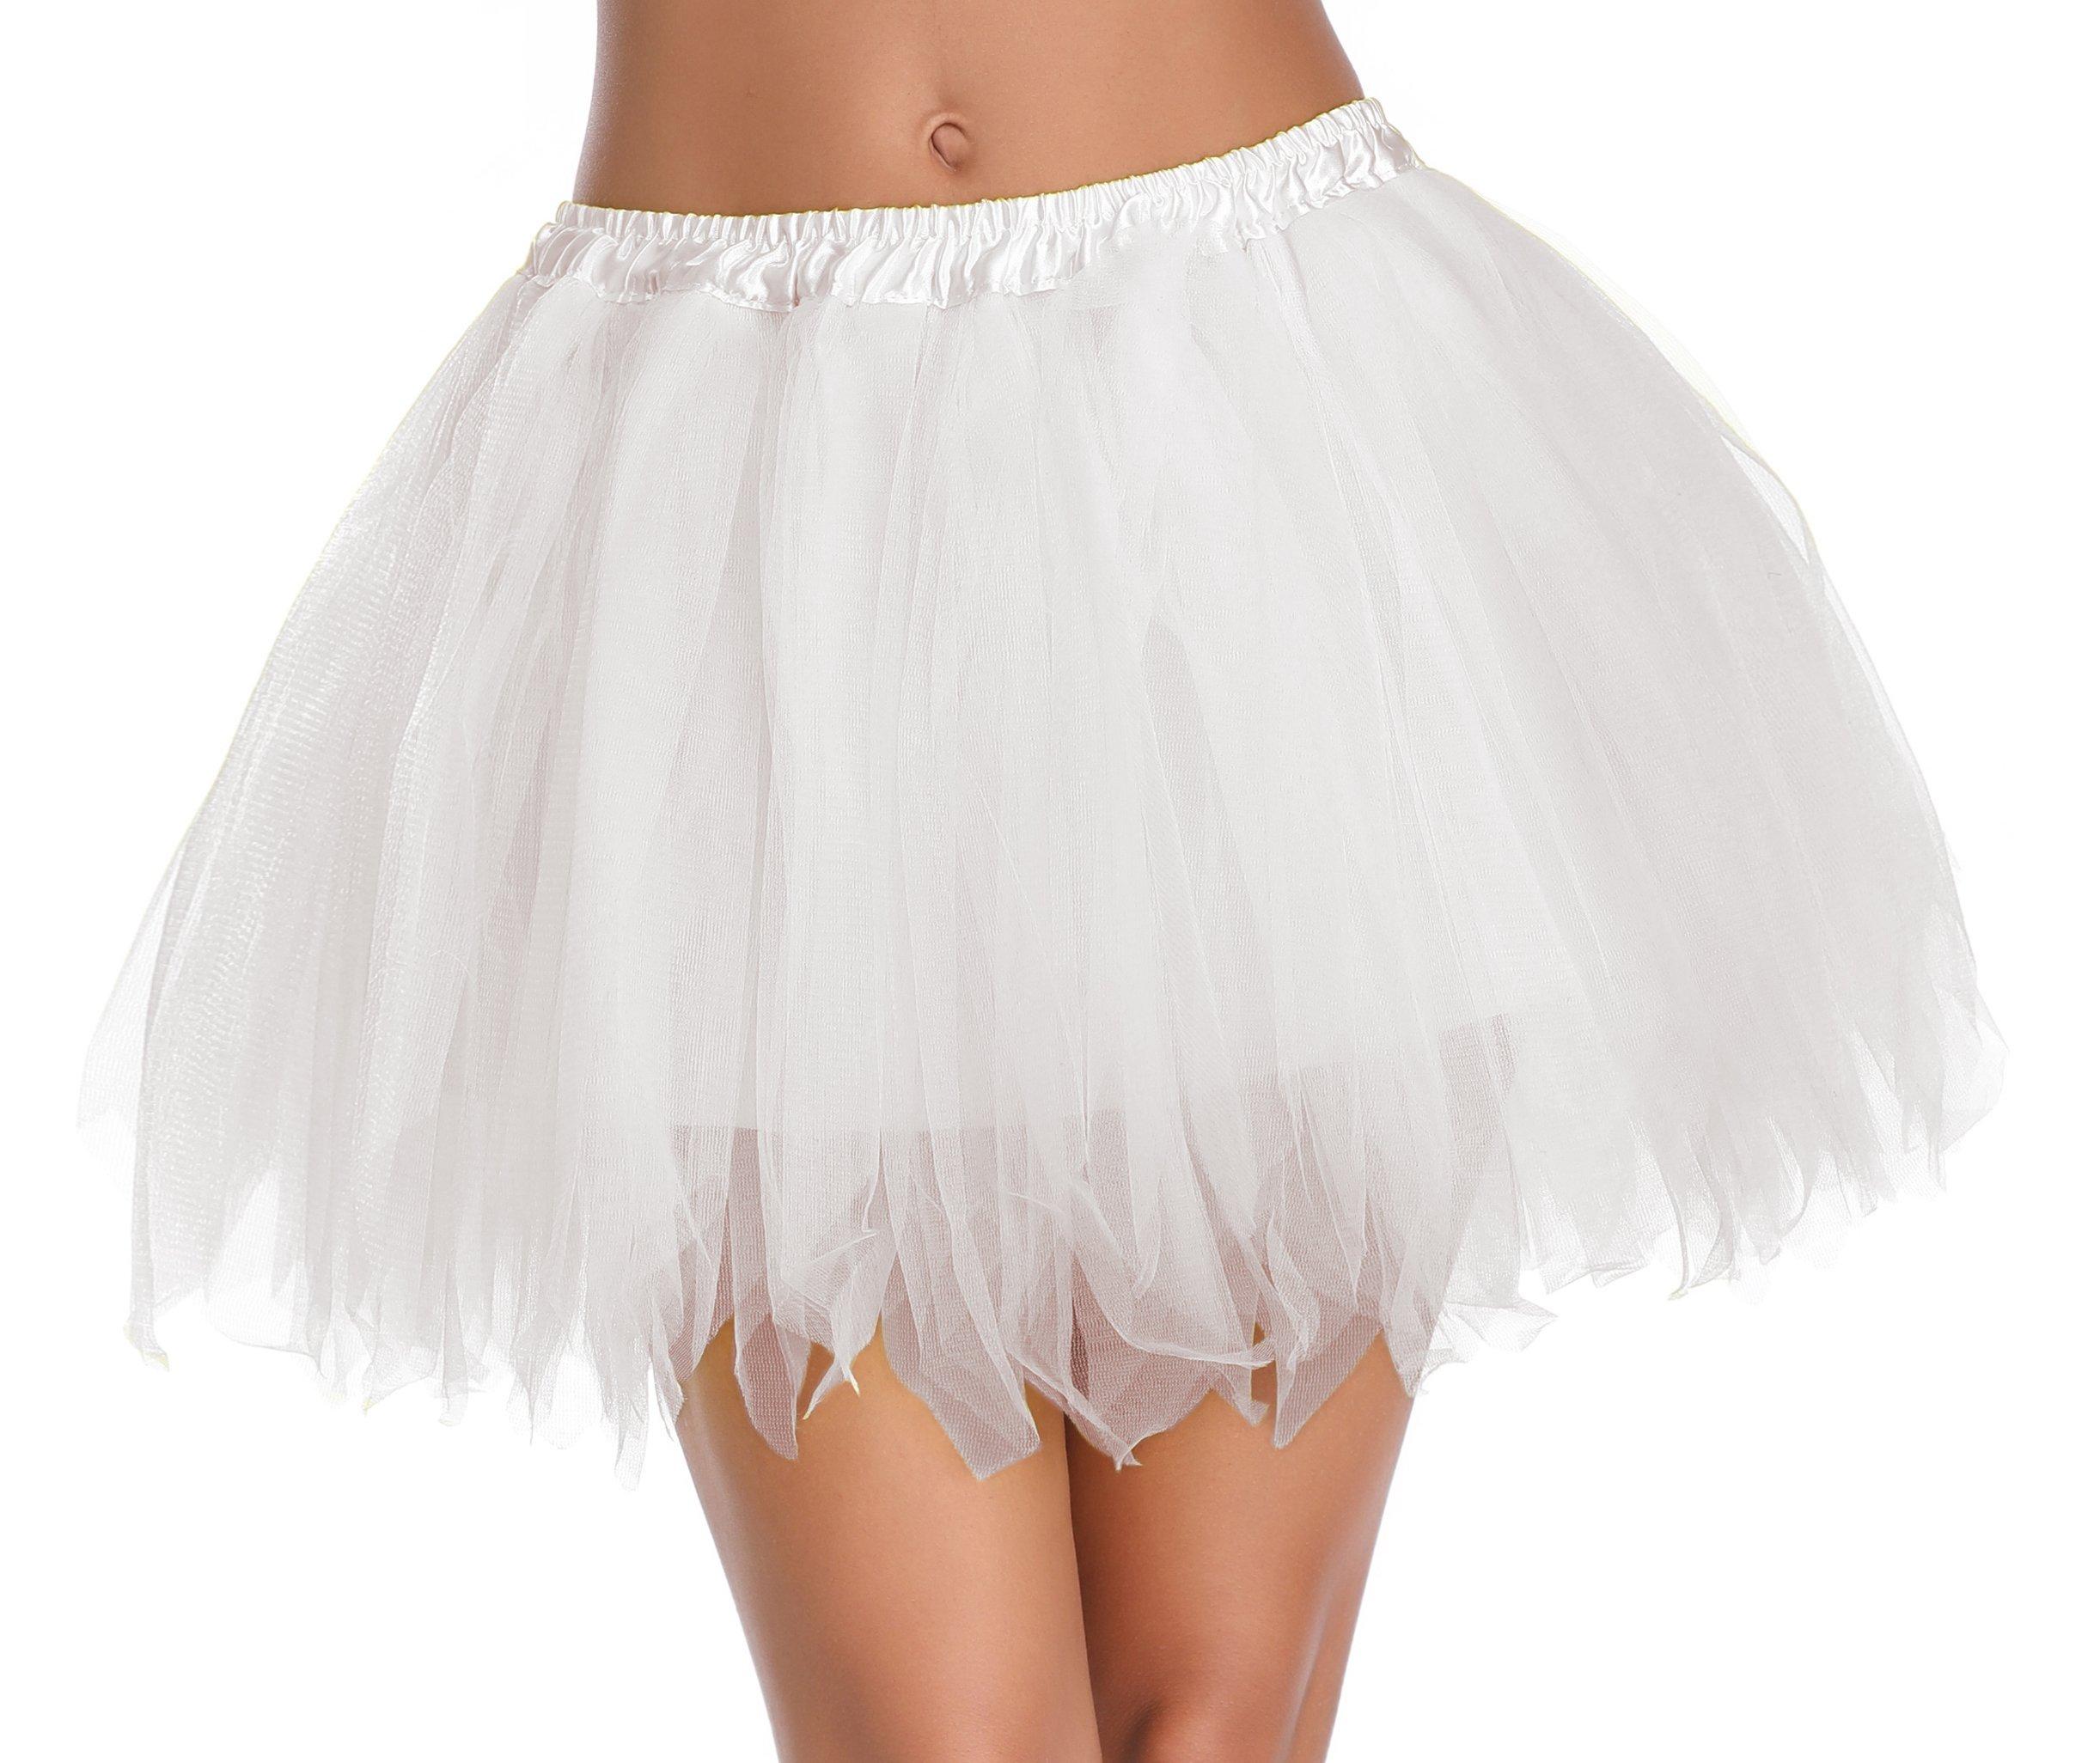 v28 Women's Teen's 1950s Vintage Tutu Tulle Petticoat Ballet Bubble Skirt (Regular Size (US: 0-12), White)